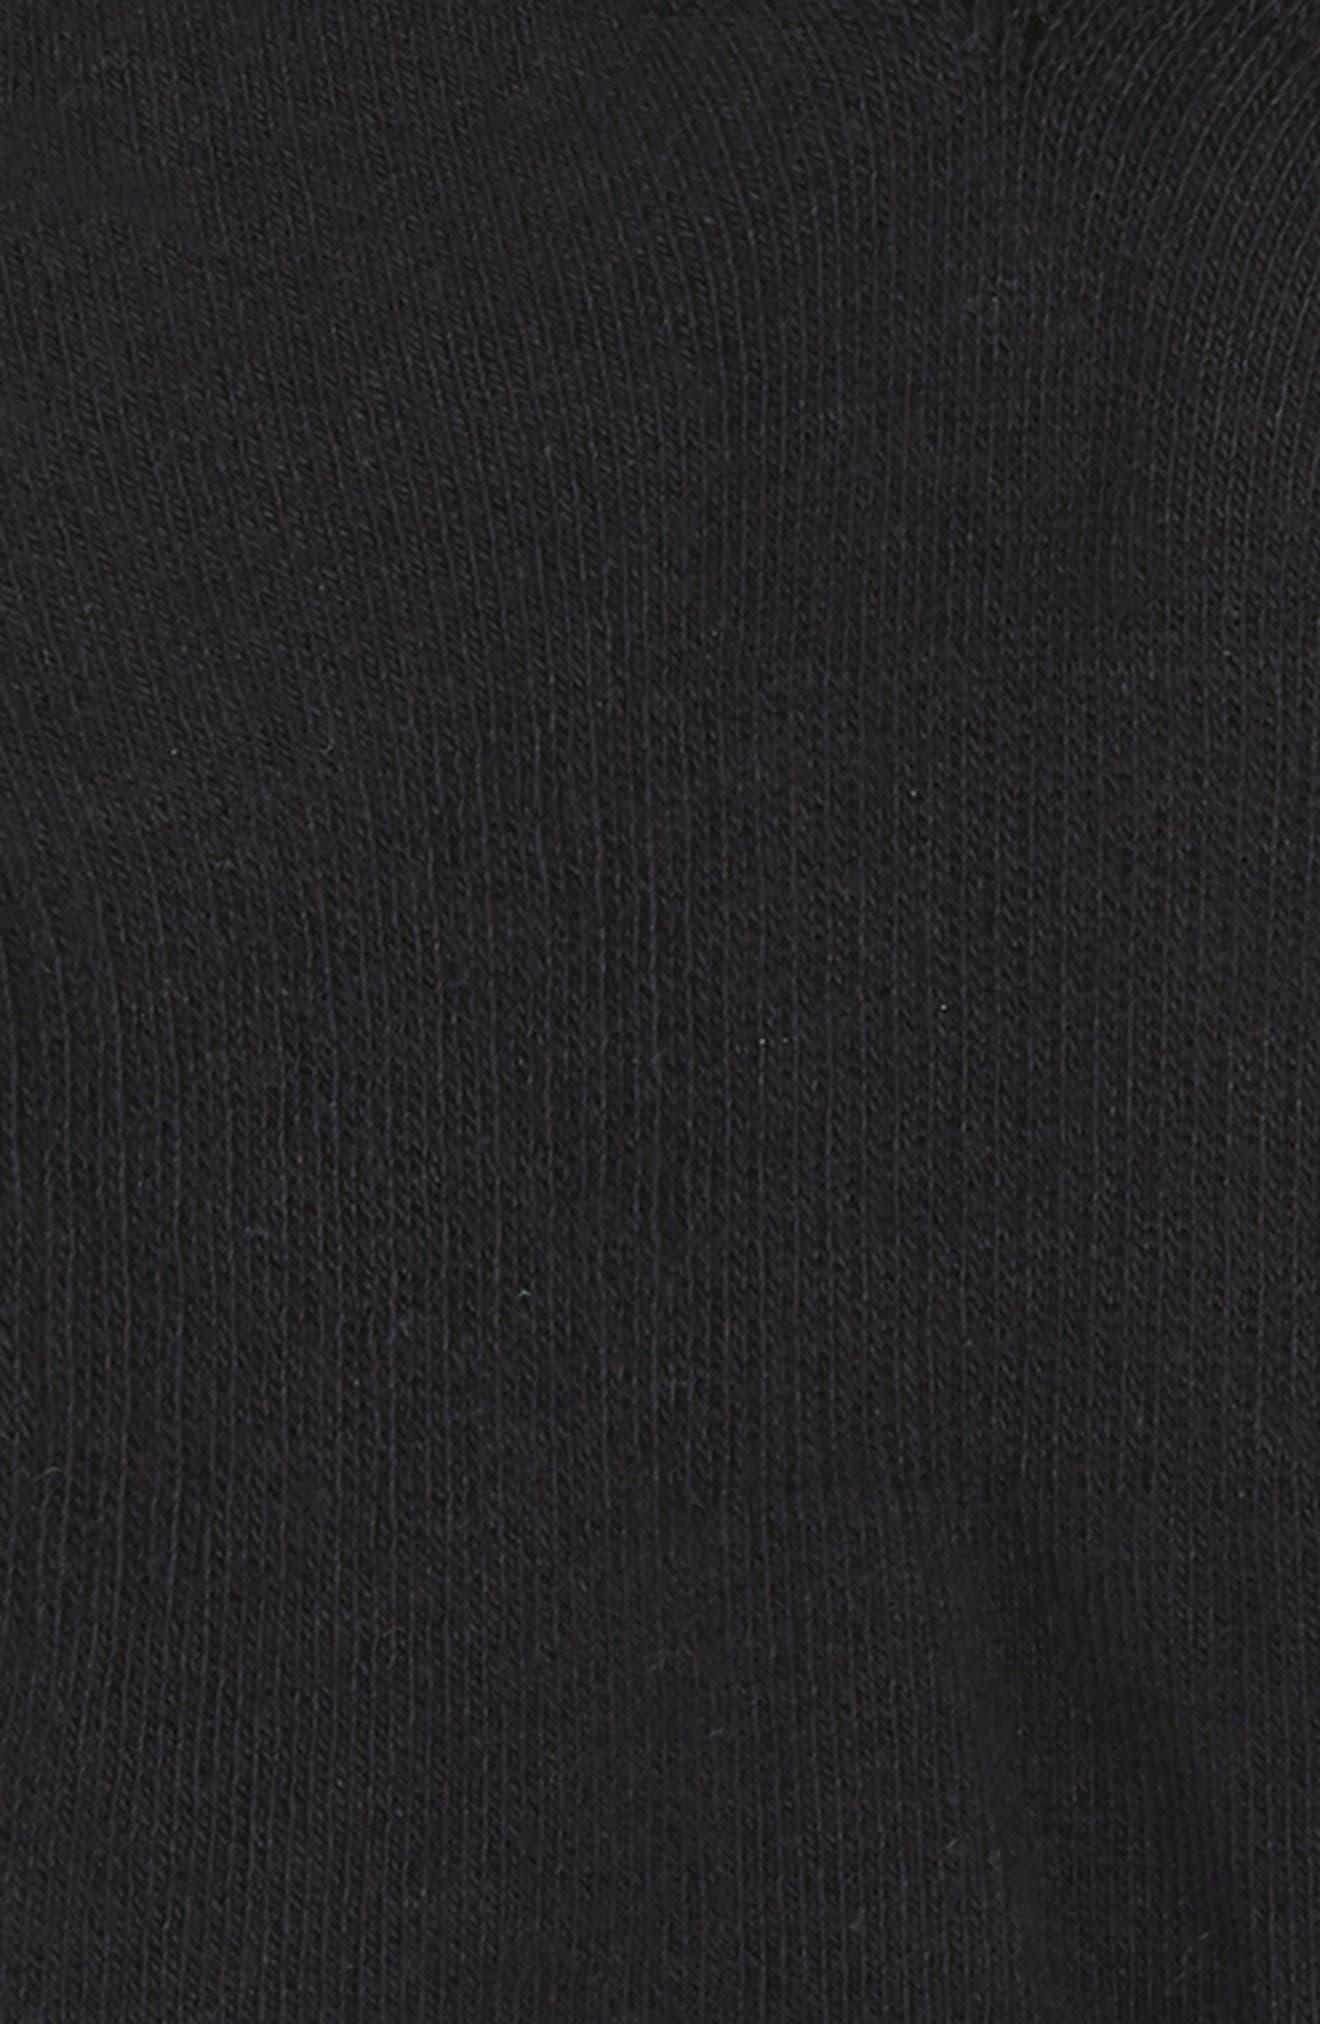 Alternate Image 2  - Nordstrom Men's Shop 2-Pack Sneaker Liner Socks (3 for $30)